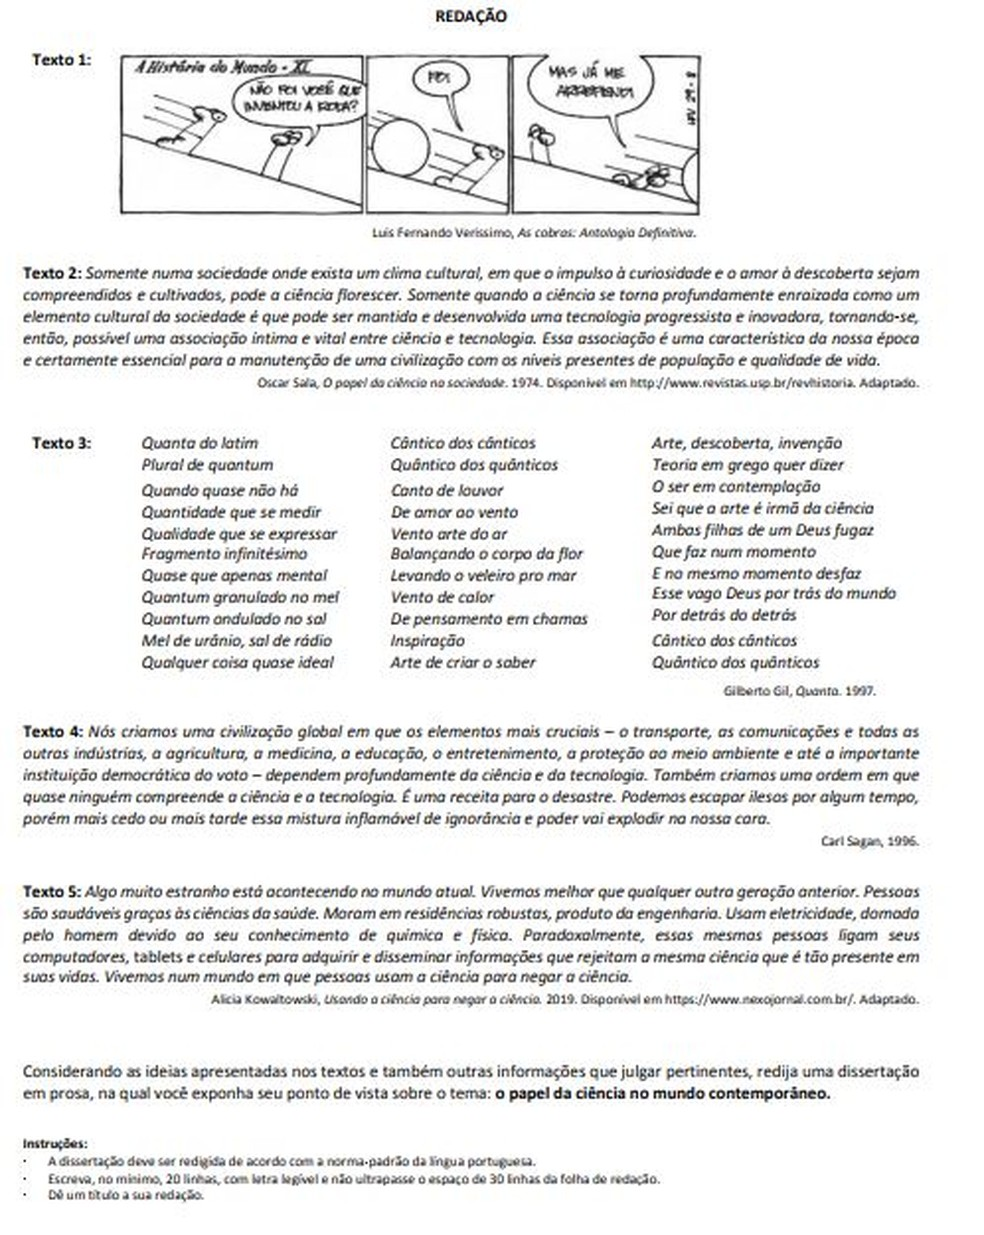 Prova de redação da Fuvest 2020 — Foto: Reprodução/Fuvest